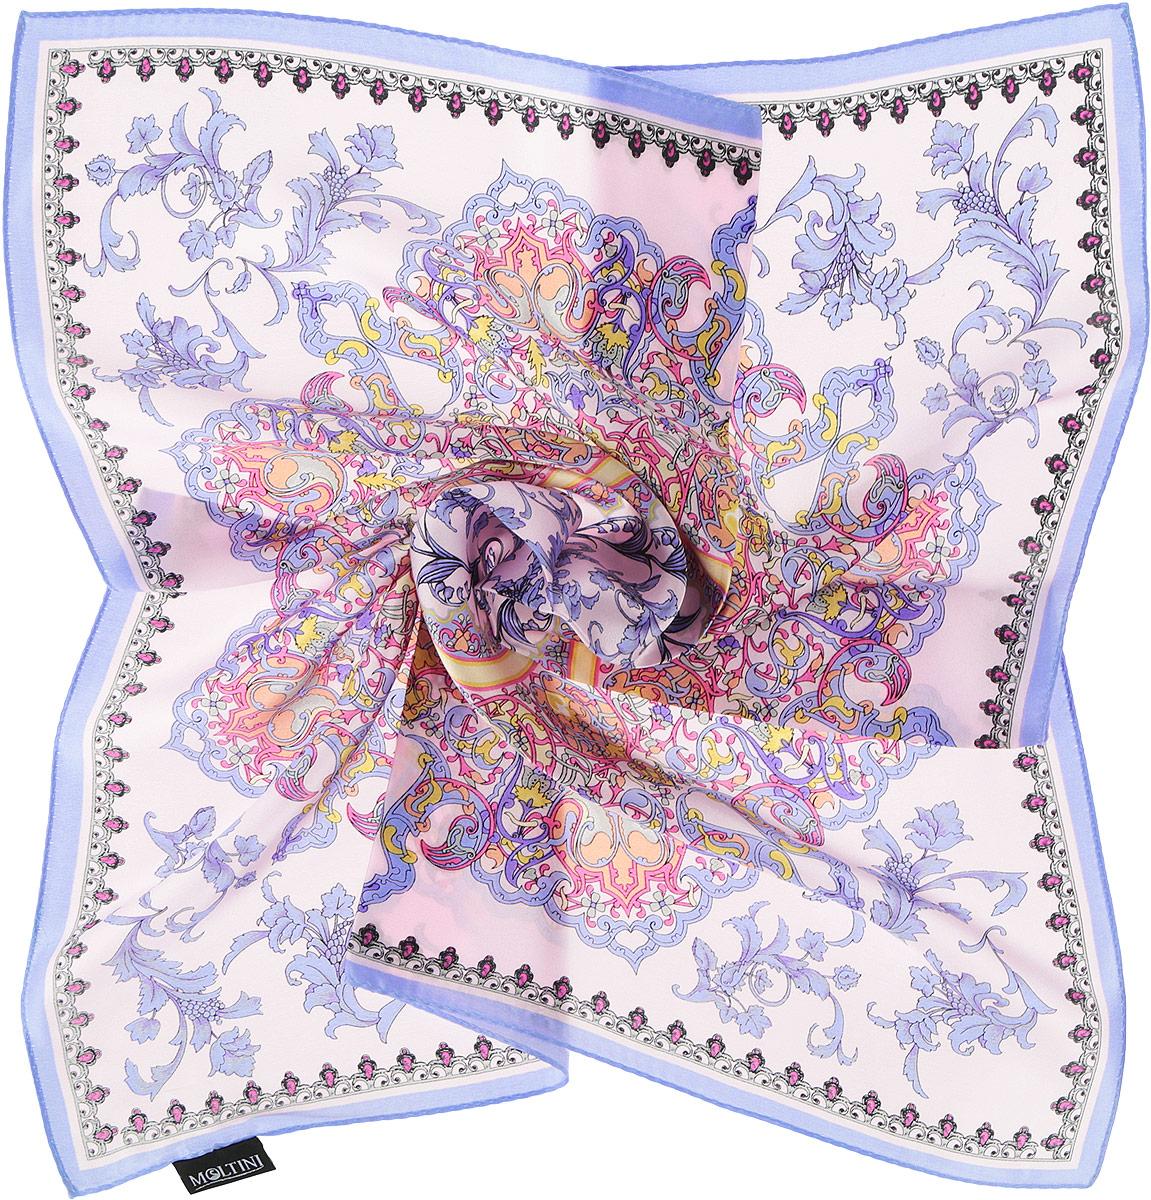 Платок женский Moltini, цвет: сиреневый, нежно-розовый. 216119-1M. Размер 55 см х 55 см216119-1MИзумительный женский платок Moltini хочется носить бесконечно, что вполне реально благодаря высокому качеству. Данный аксессуар может стать изюминкой практически любого наряда. Модель изготовлена из шелка, благодаря чему полотно тонкое и легкое. Платок оформлен потрясающими узором и цветовой гаммой.Платок Moltini станет вашим верным спутником, а окружающие обязательно будут обращать свое восторженное внимание на вас.